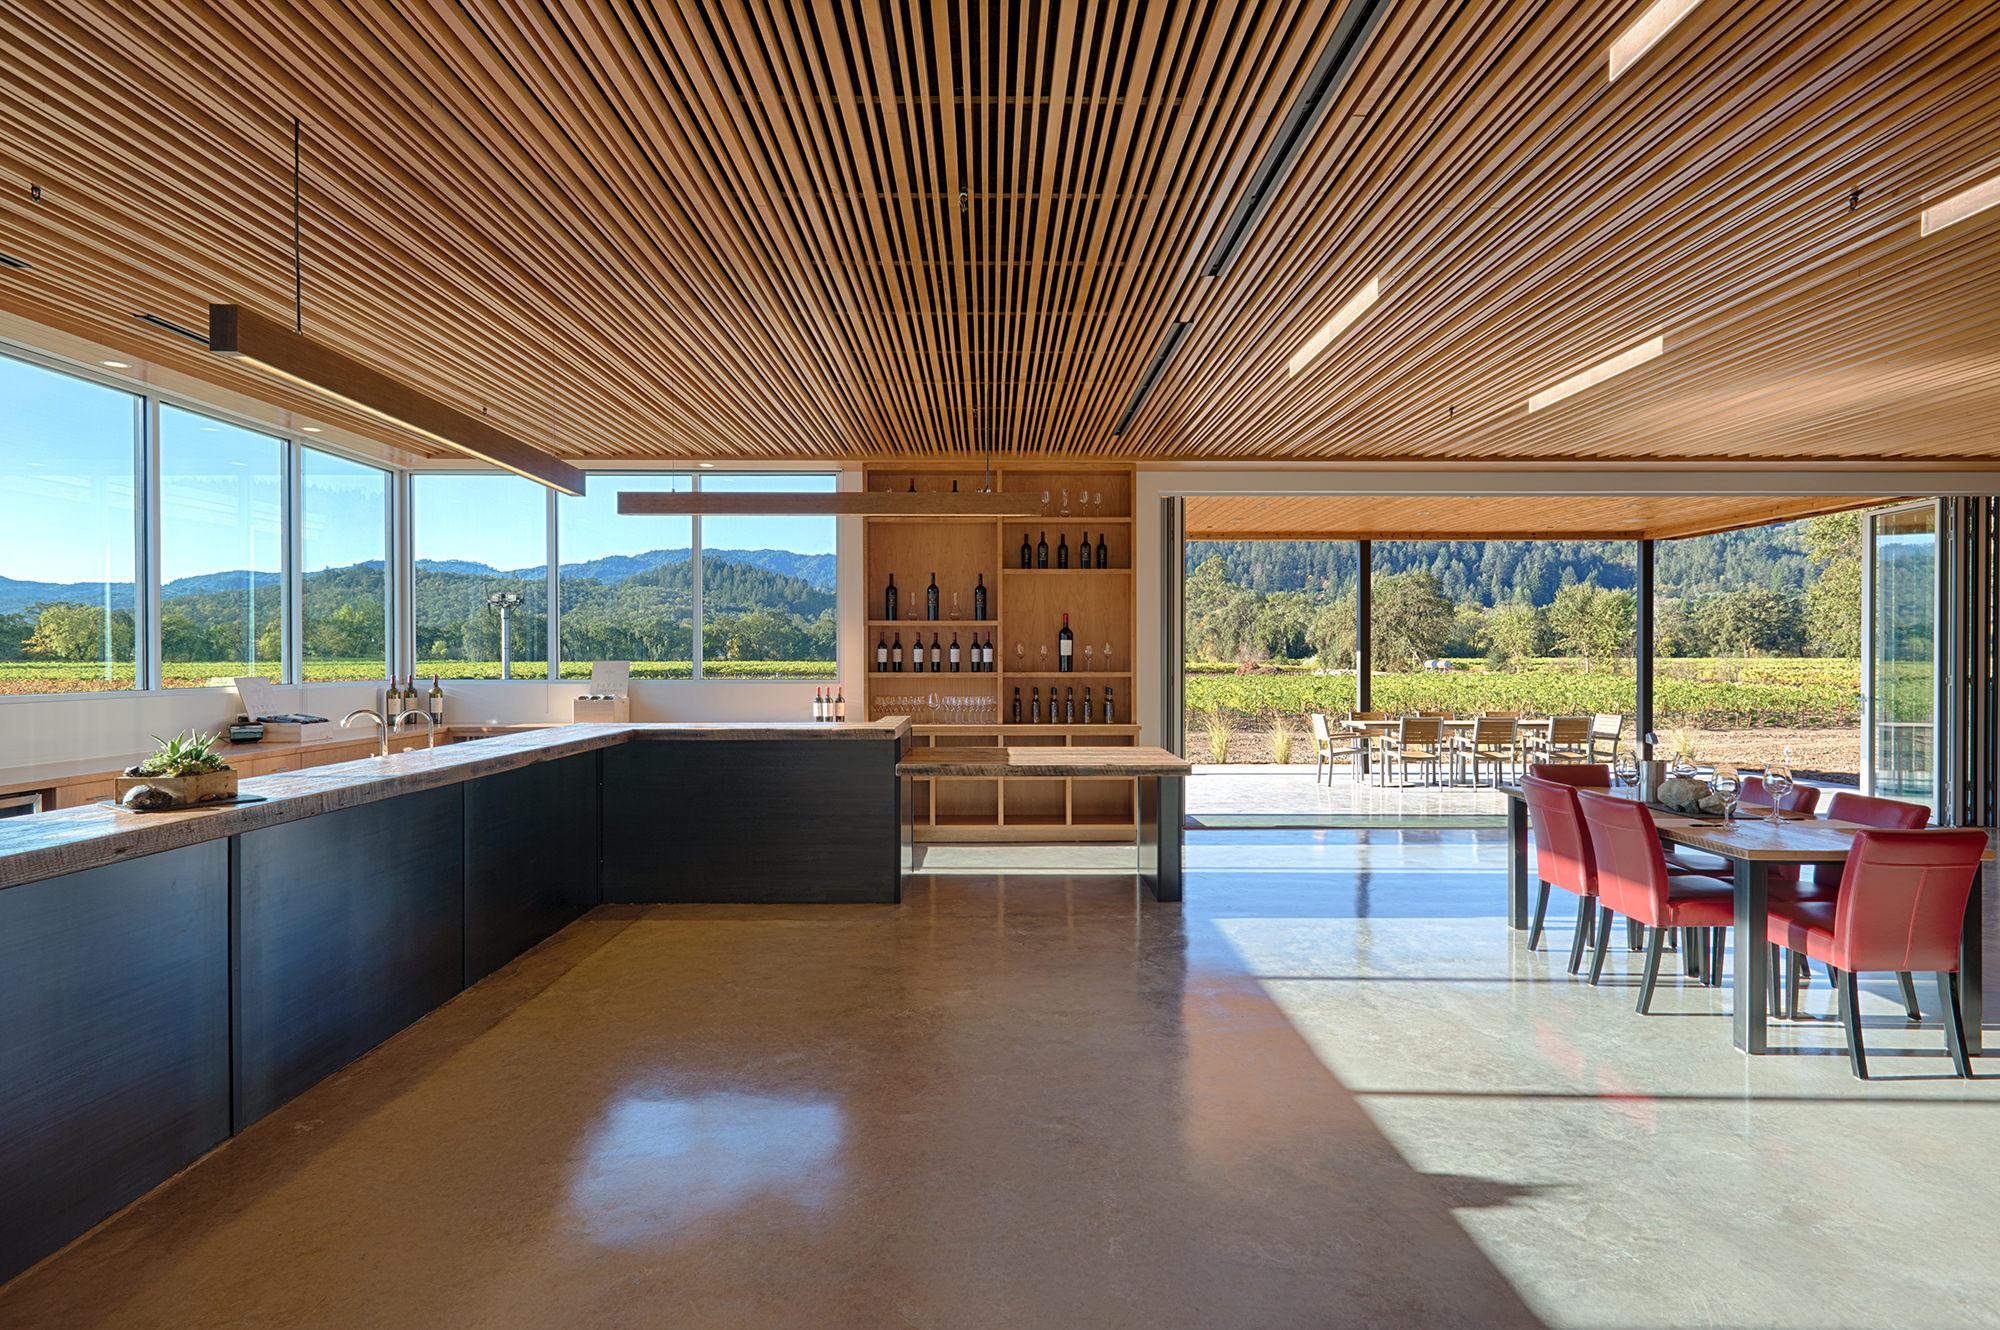 Wine tasting room overlooking vineyards